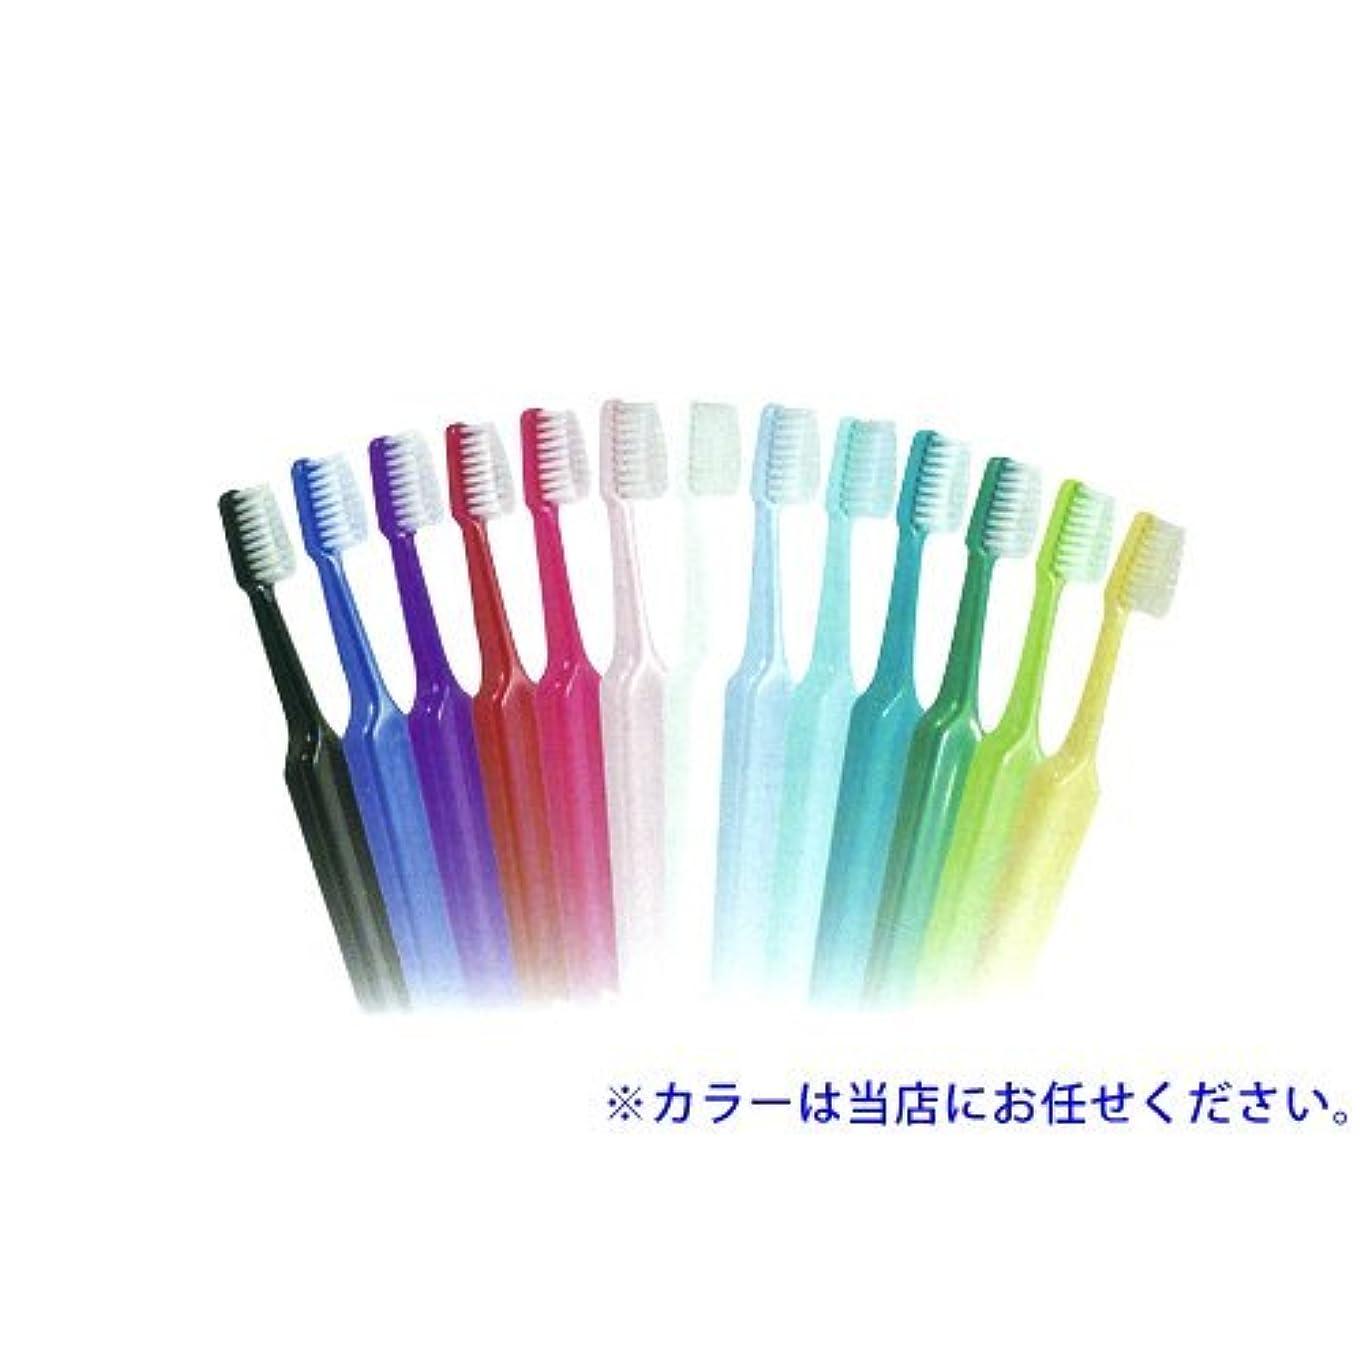 試用テザーピーククロスフィールド TePe テペ セレクトコンパクト 歯ブラシ 1本 コンパクト エクストラソフト